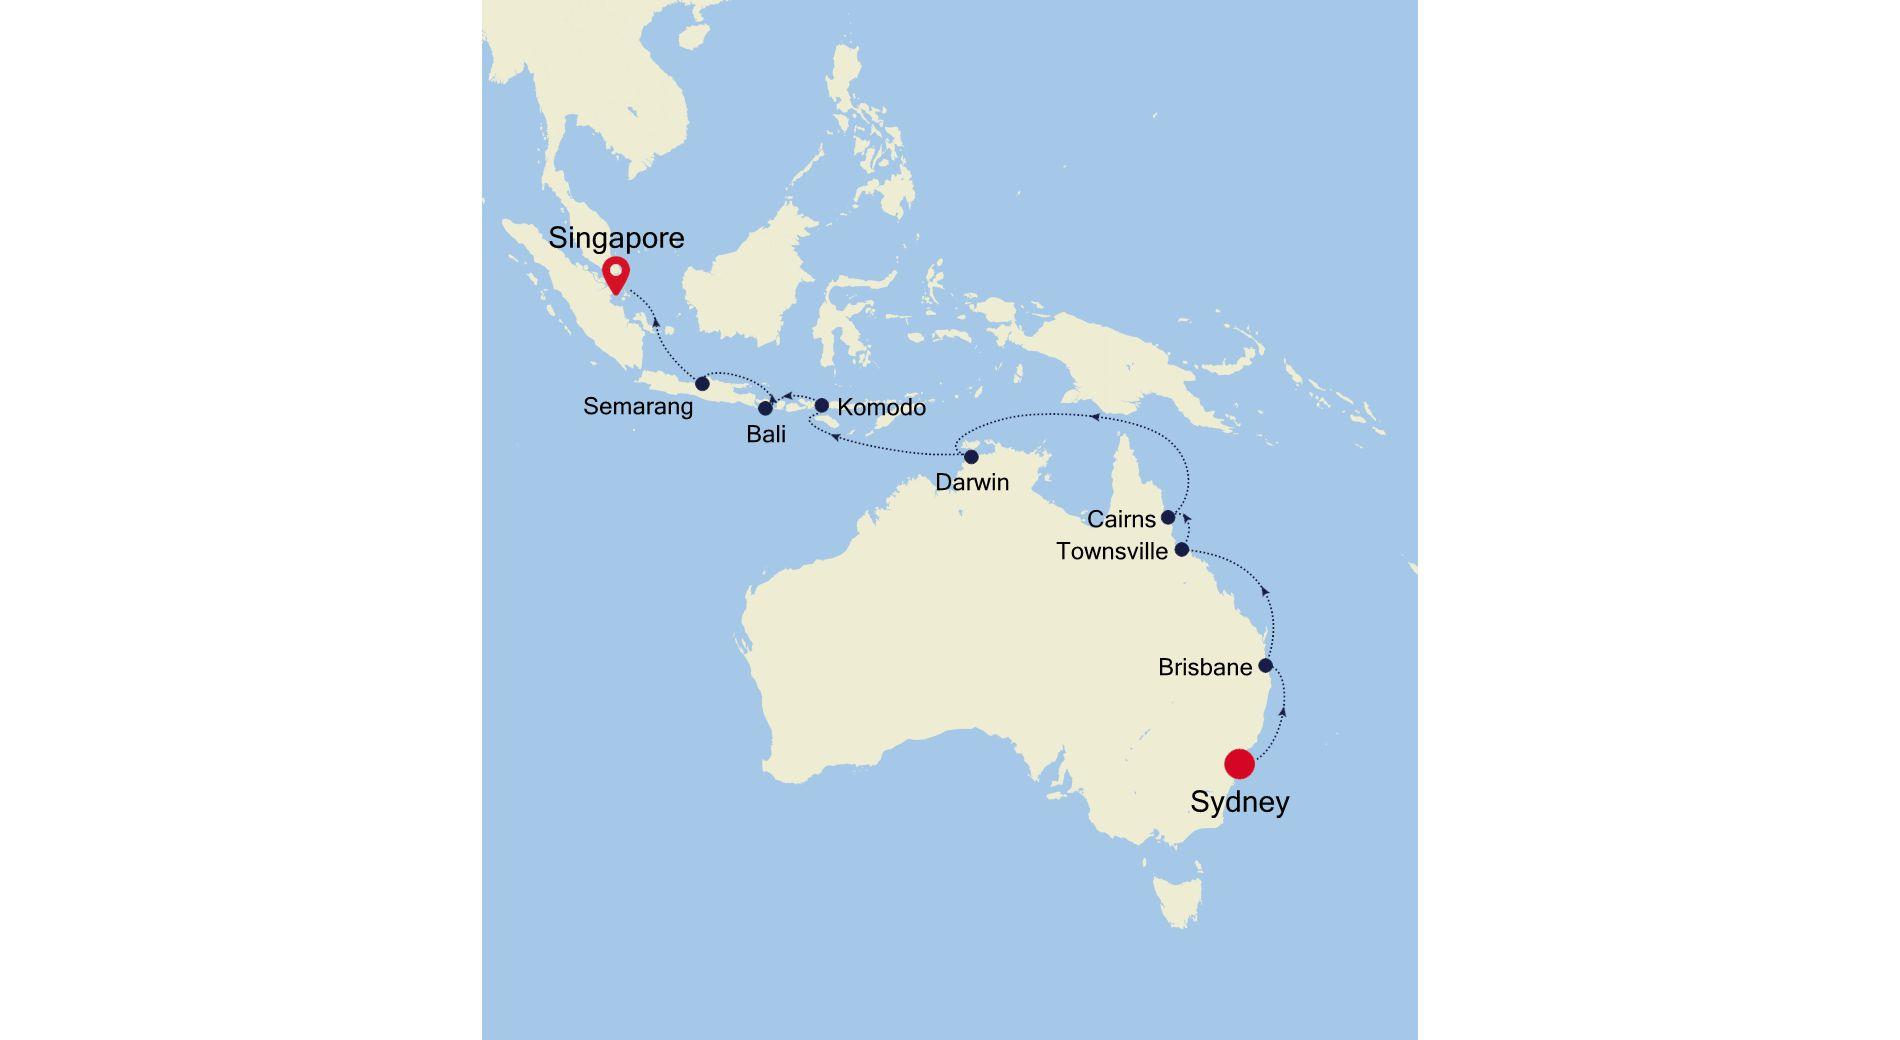 SM210219018 - Sydney a Singapore